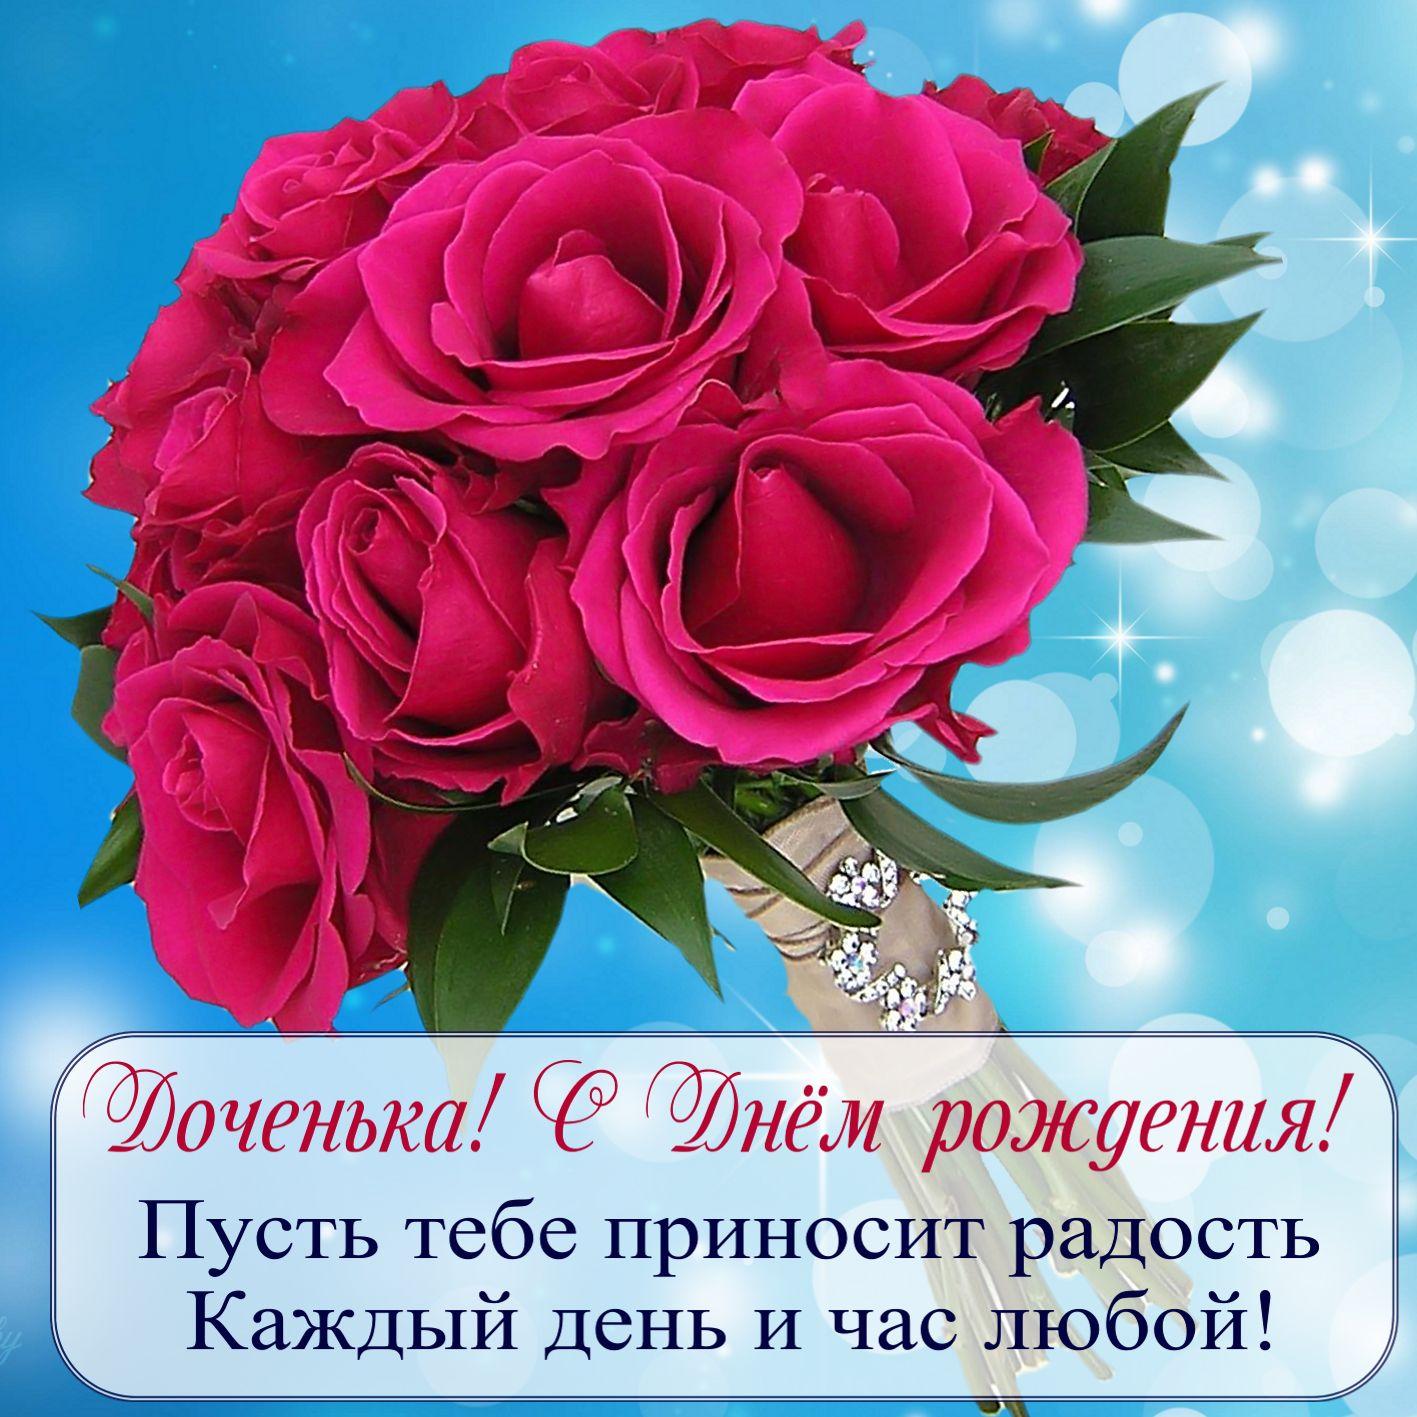 Поздравления маме с днем рождения дочери в стихах картинки, приколов